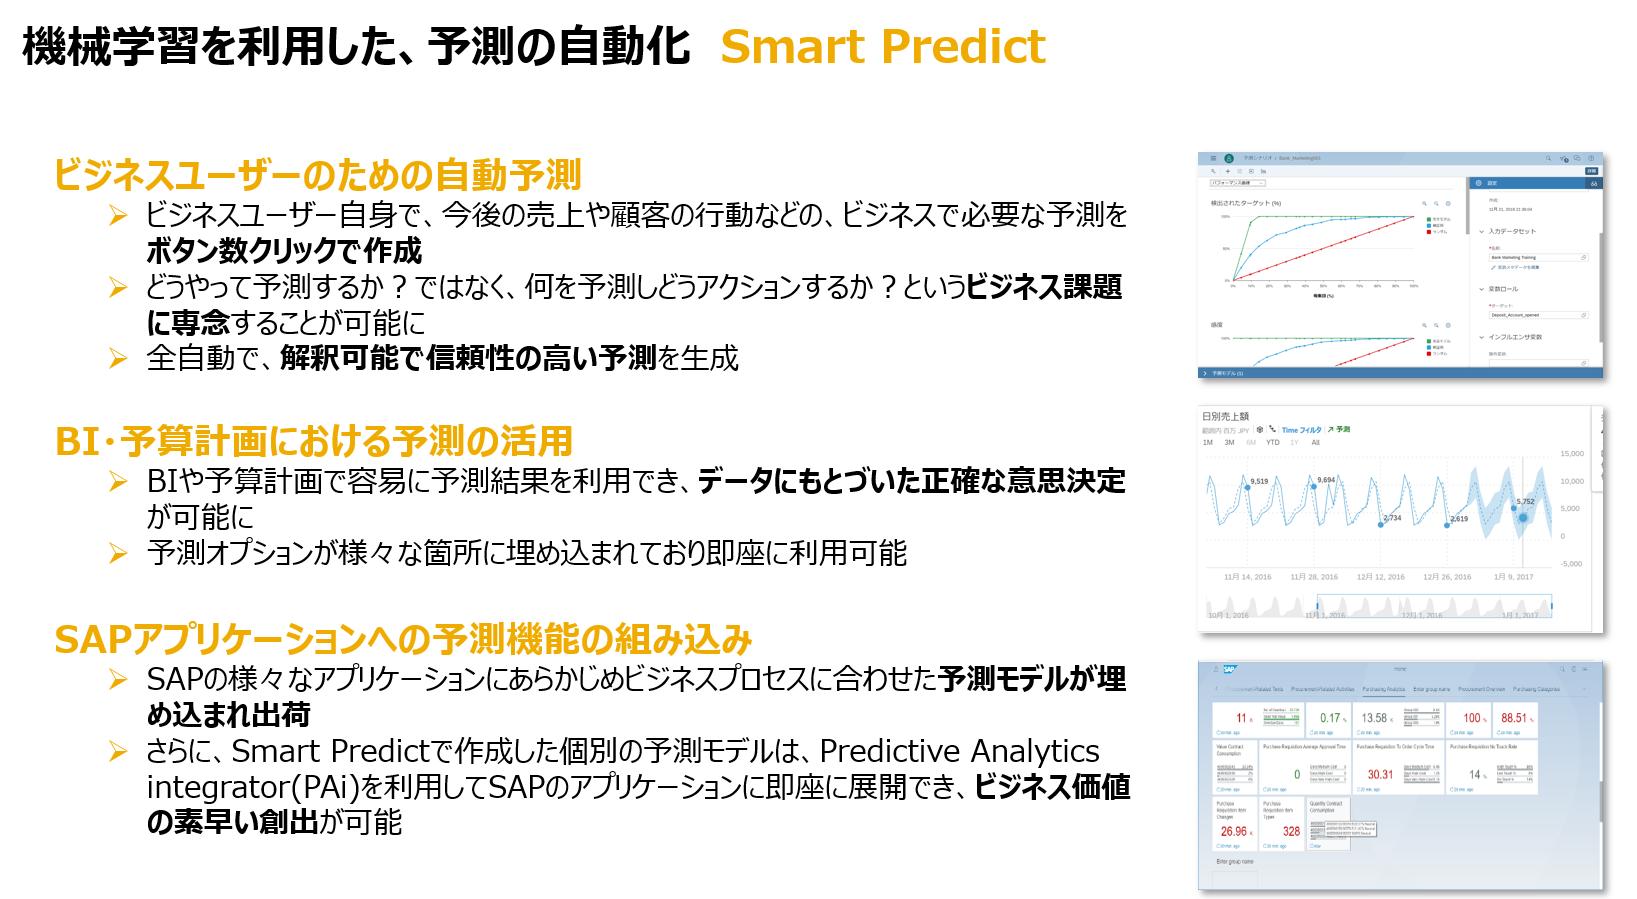 SmartPredict